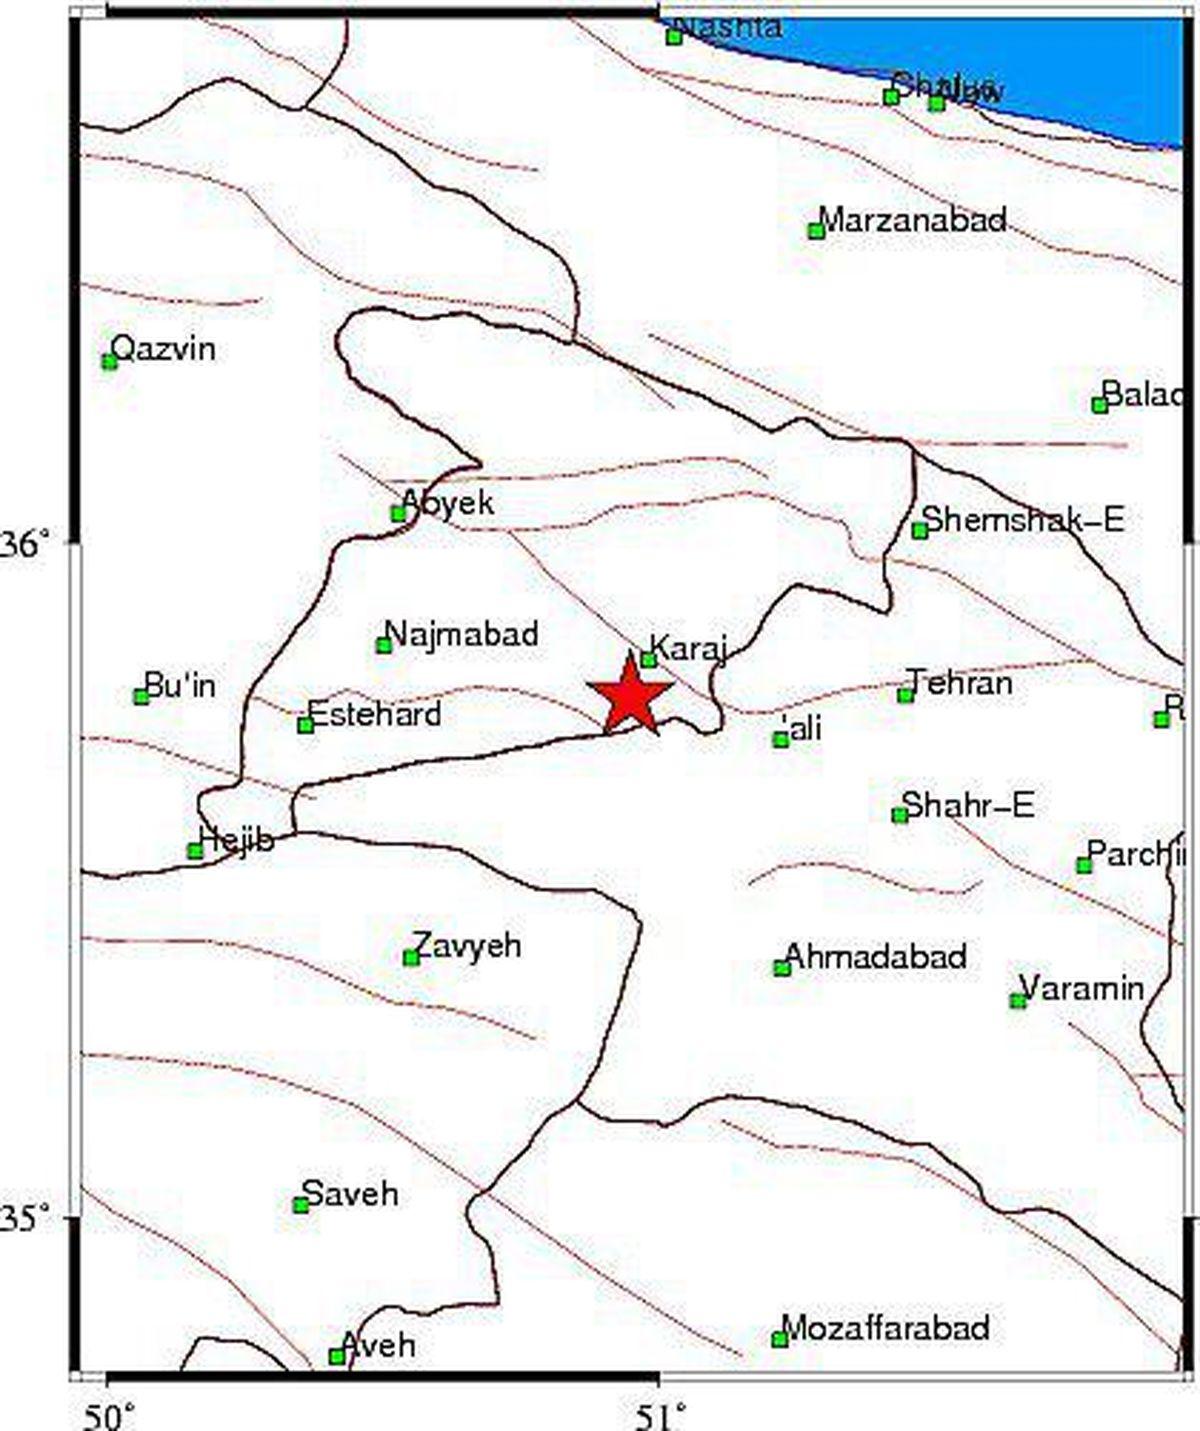 تصویری از محل زلزلهای که کرج را لرزاند